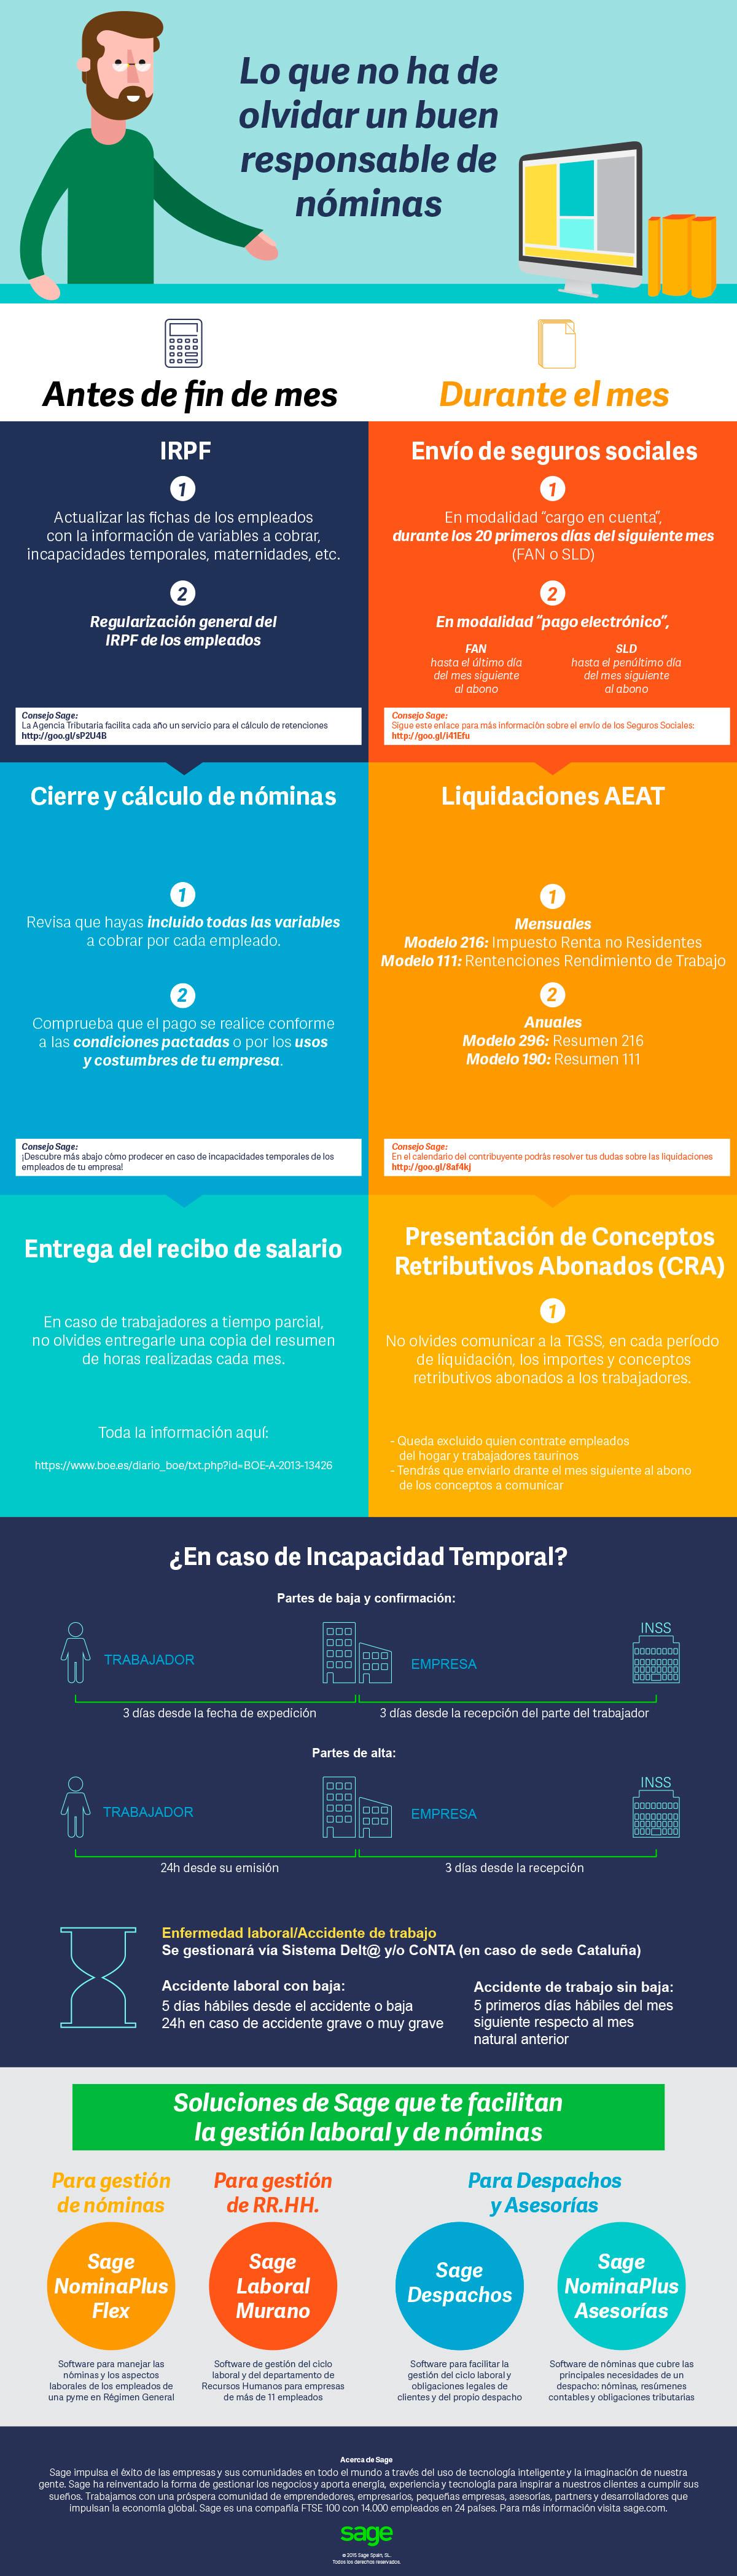 Infografia-Buen-Responsable-de-Nominas_1200px